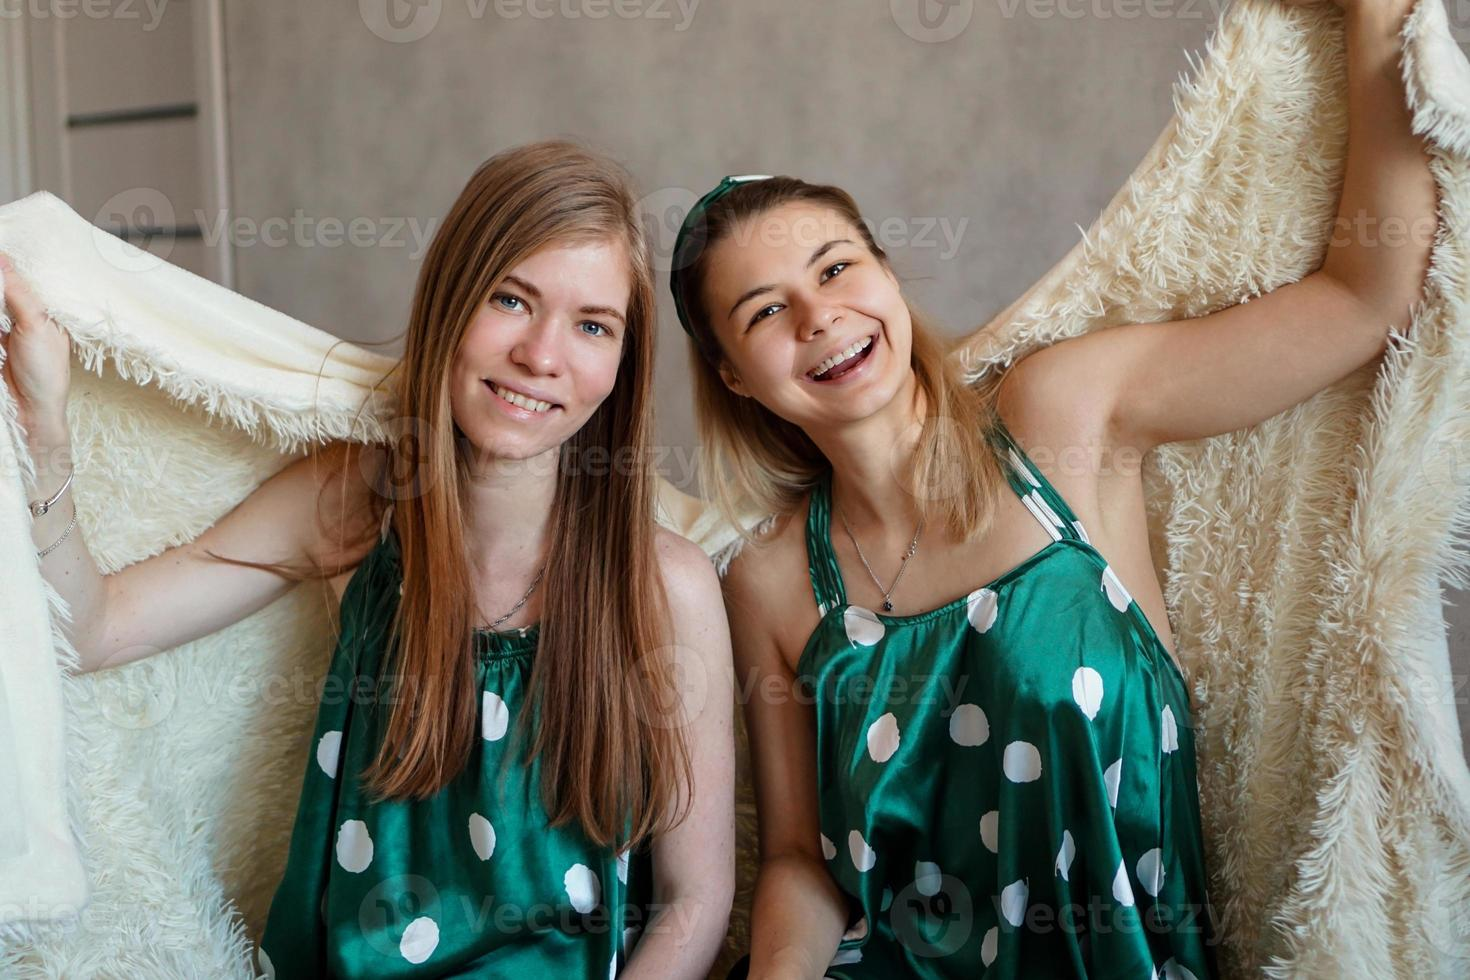 duas jovens rindo se divertindo escondendo sob um cobertor branco foto